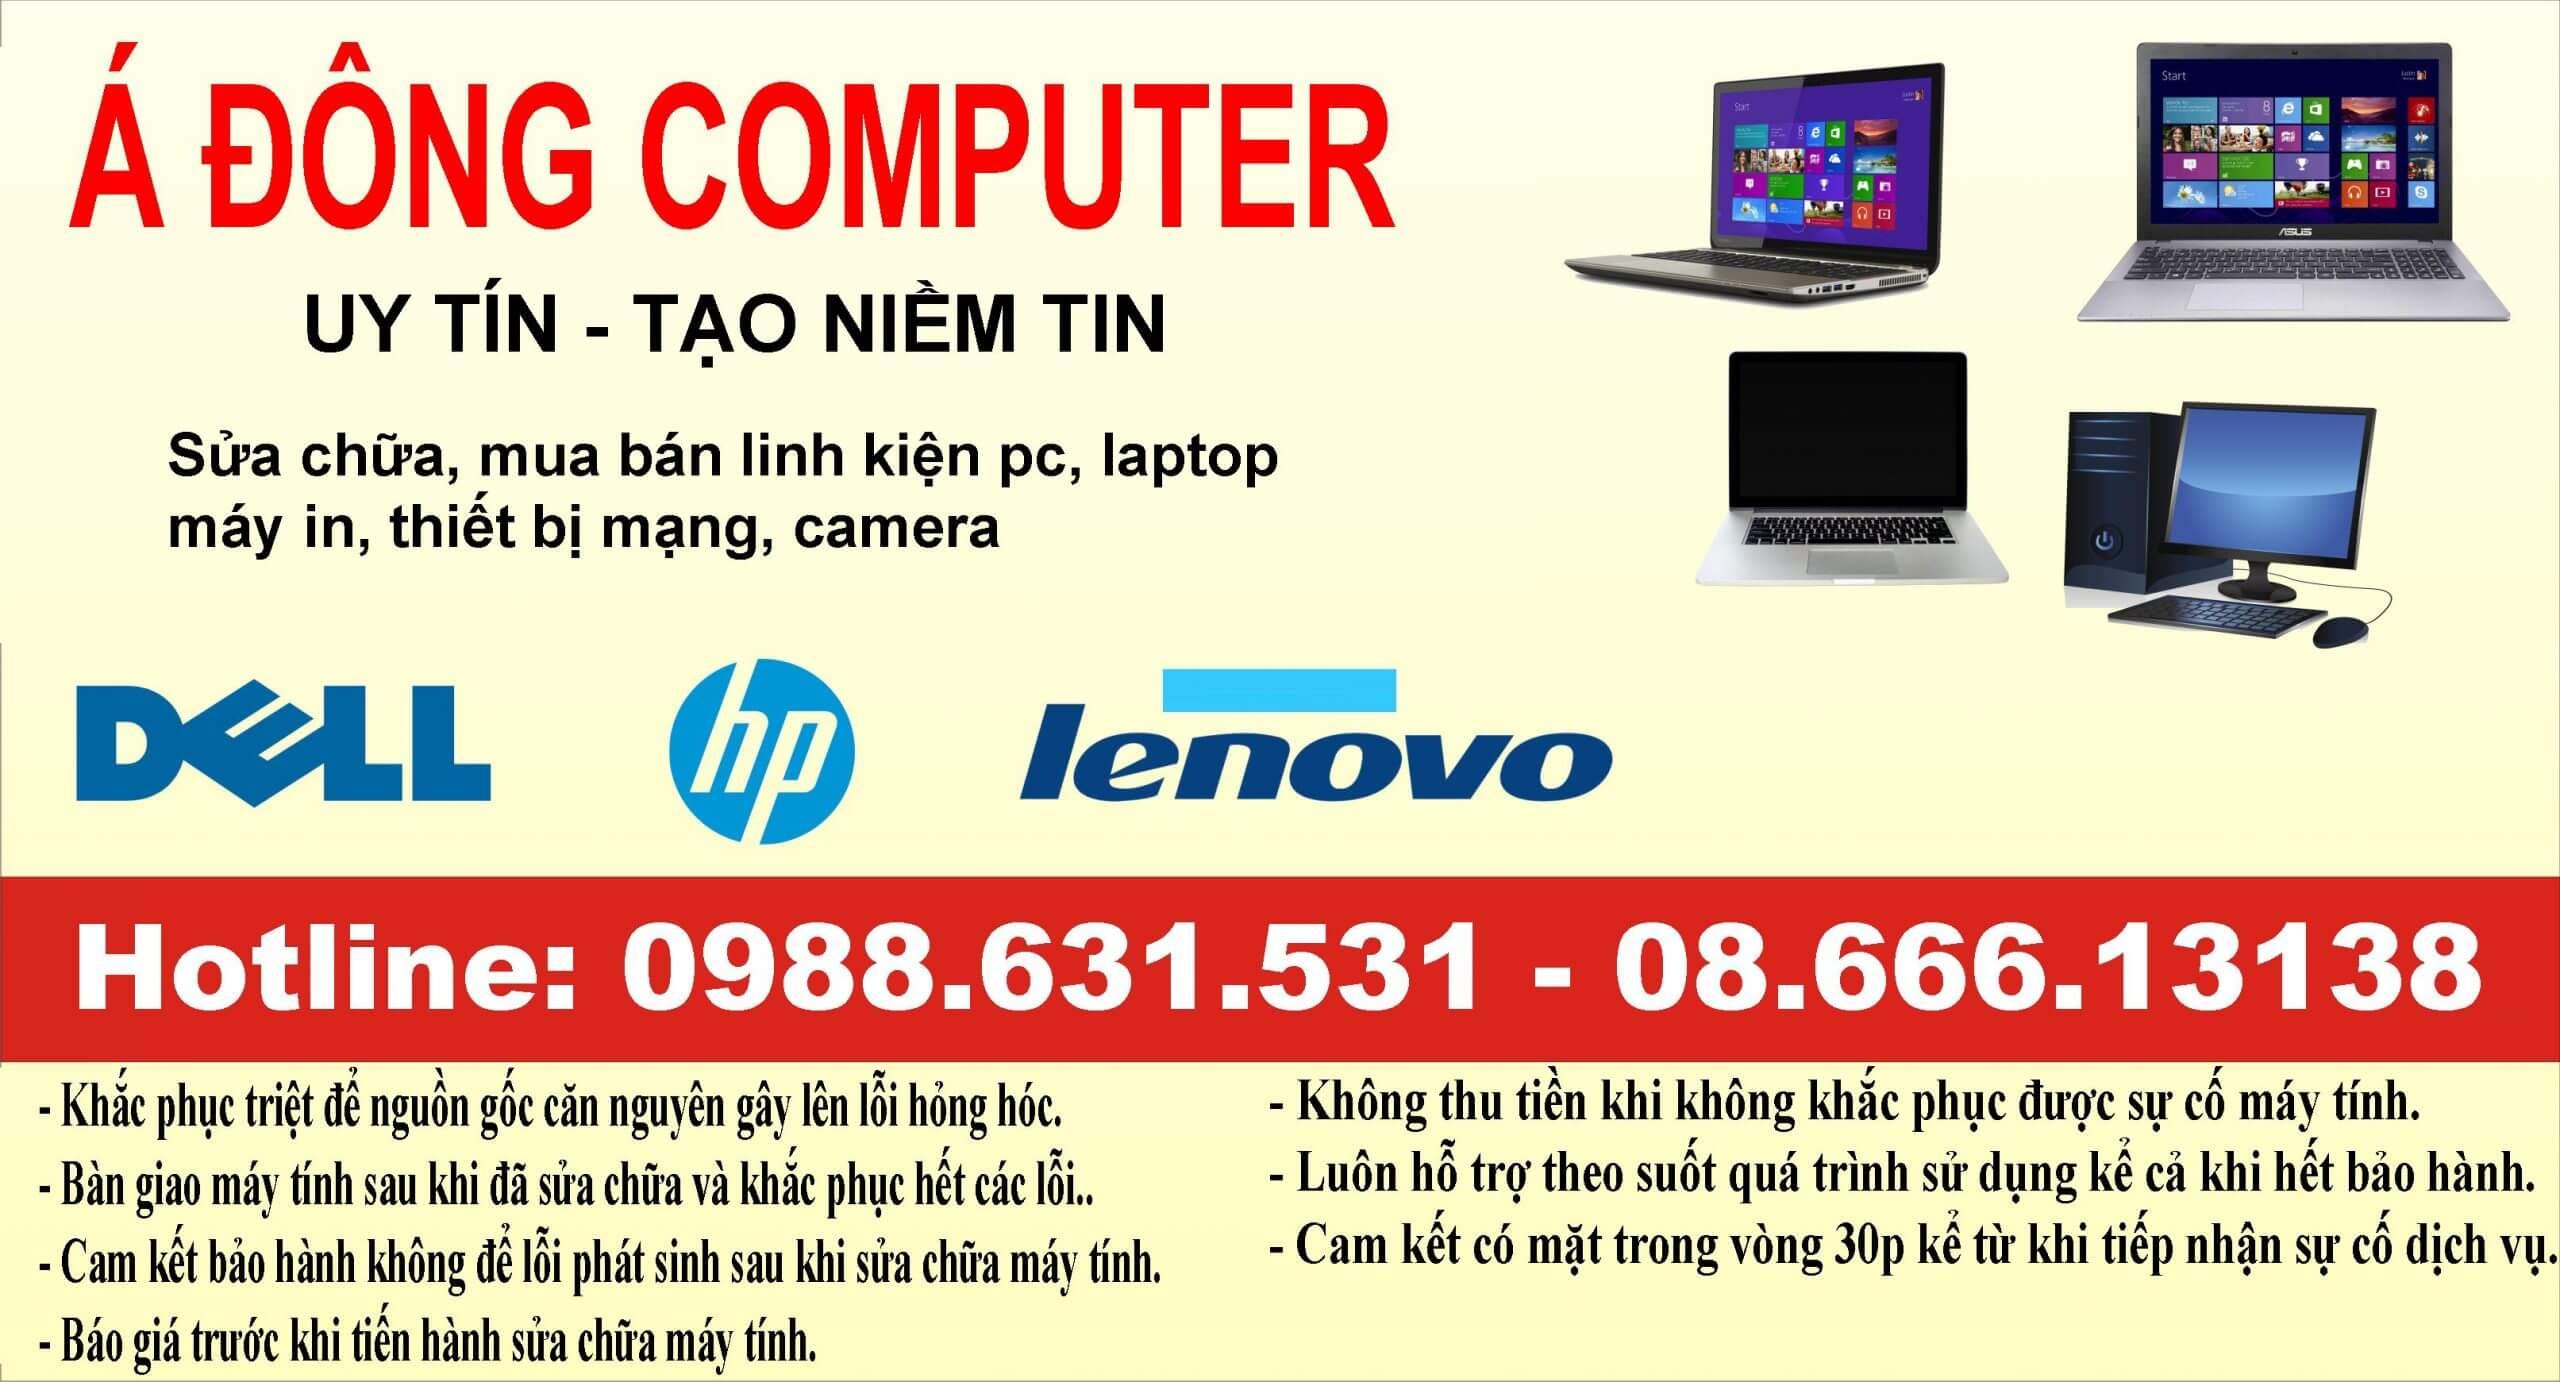 Dịch vụ sửa máy tính tại Nguyễn Chí Thanh Uy tín